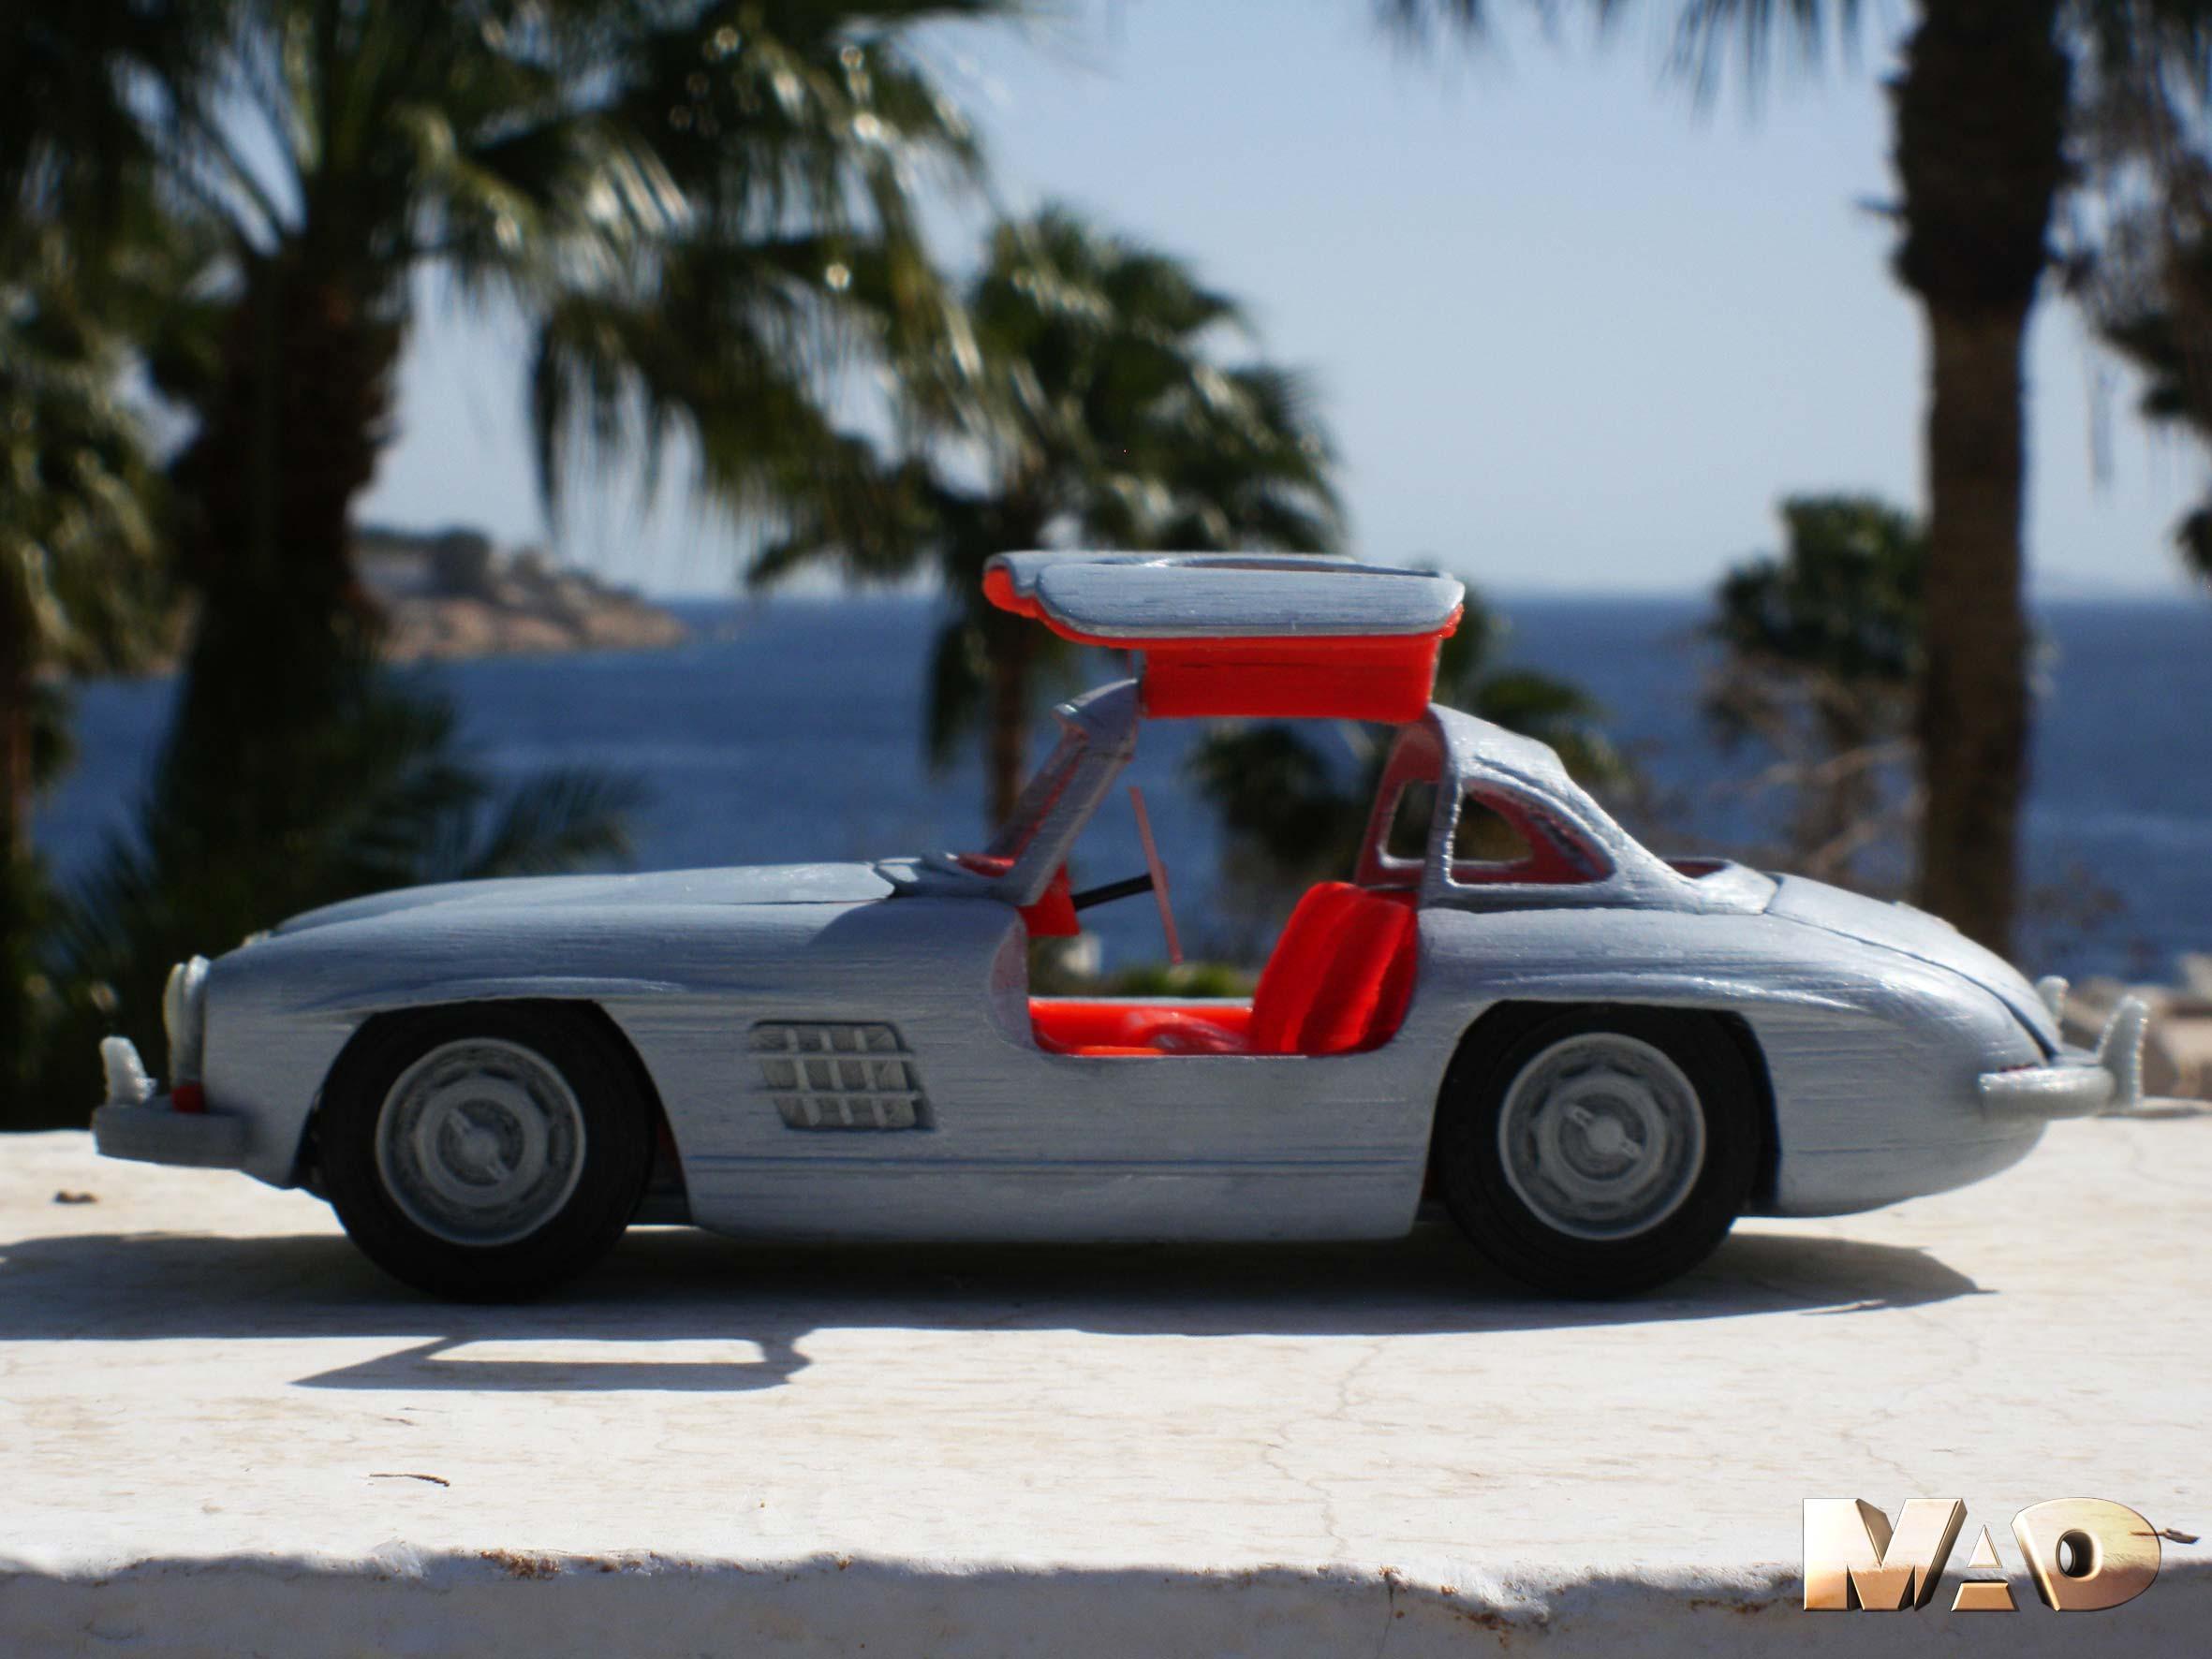 3D Printed German Luxury Car Model by Mao | Pinshape